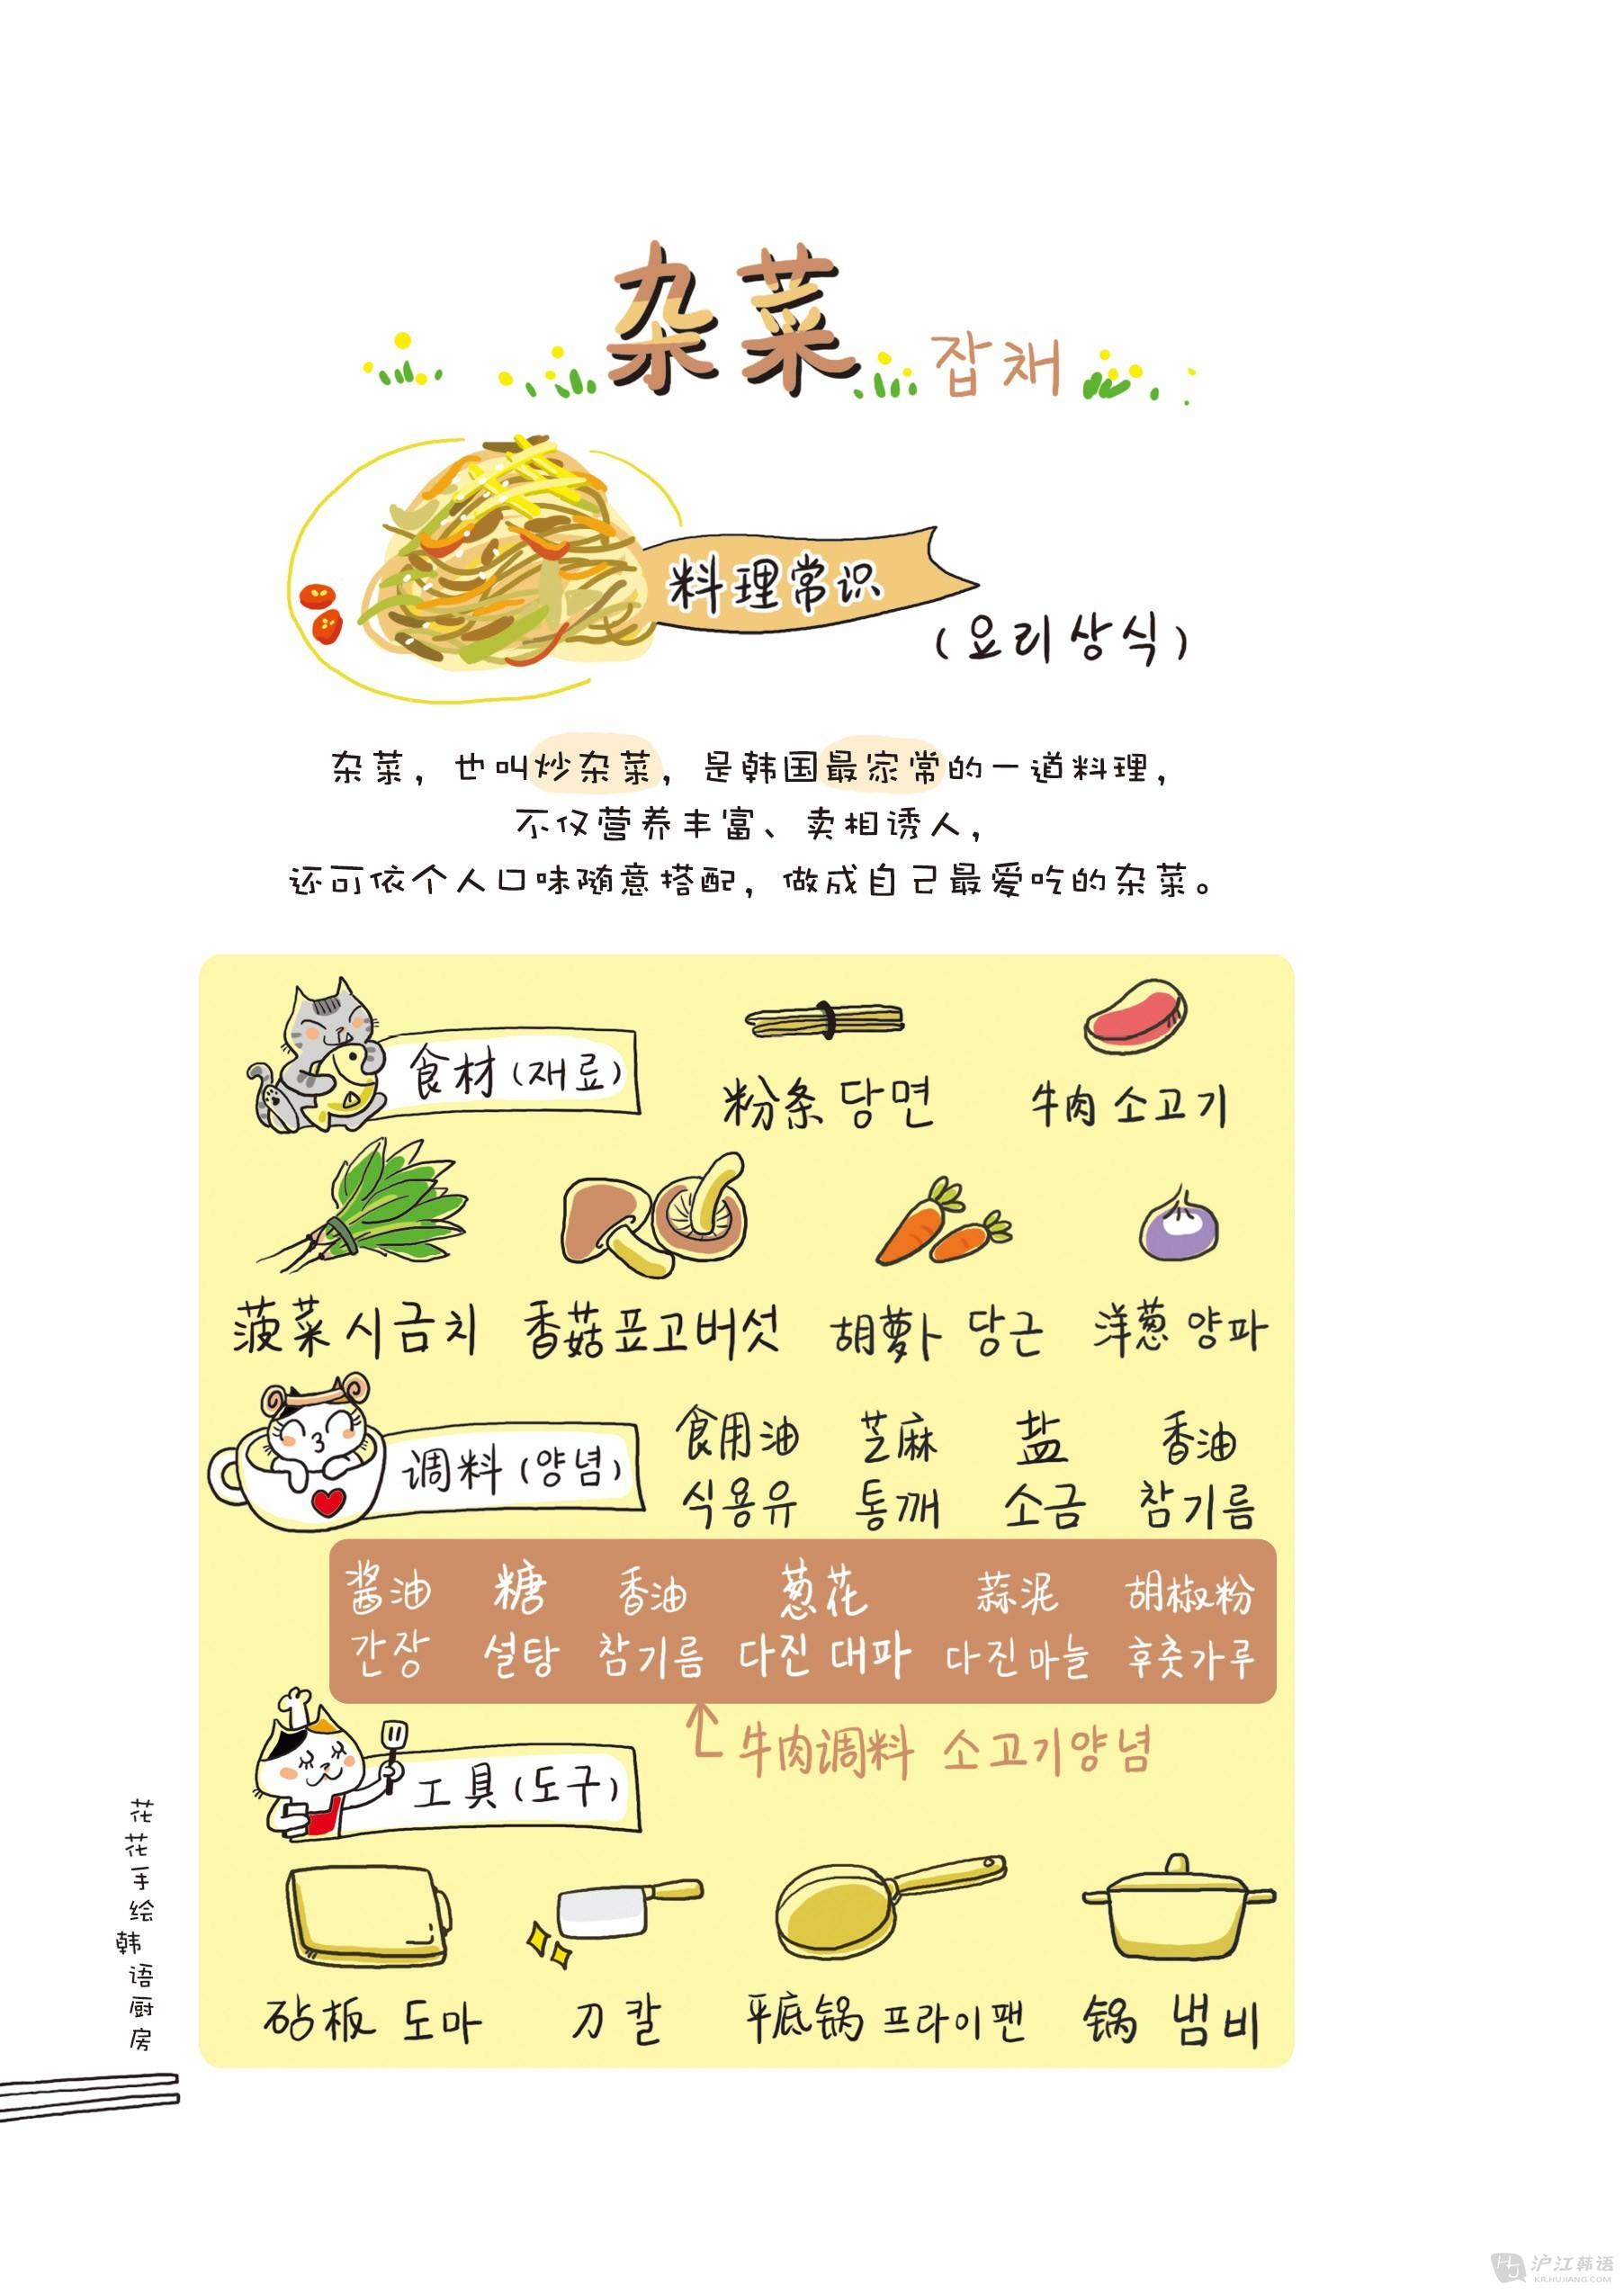 新书试读:《花花手绘韩语厨房》之杂菜